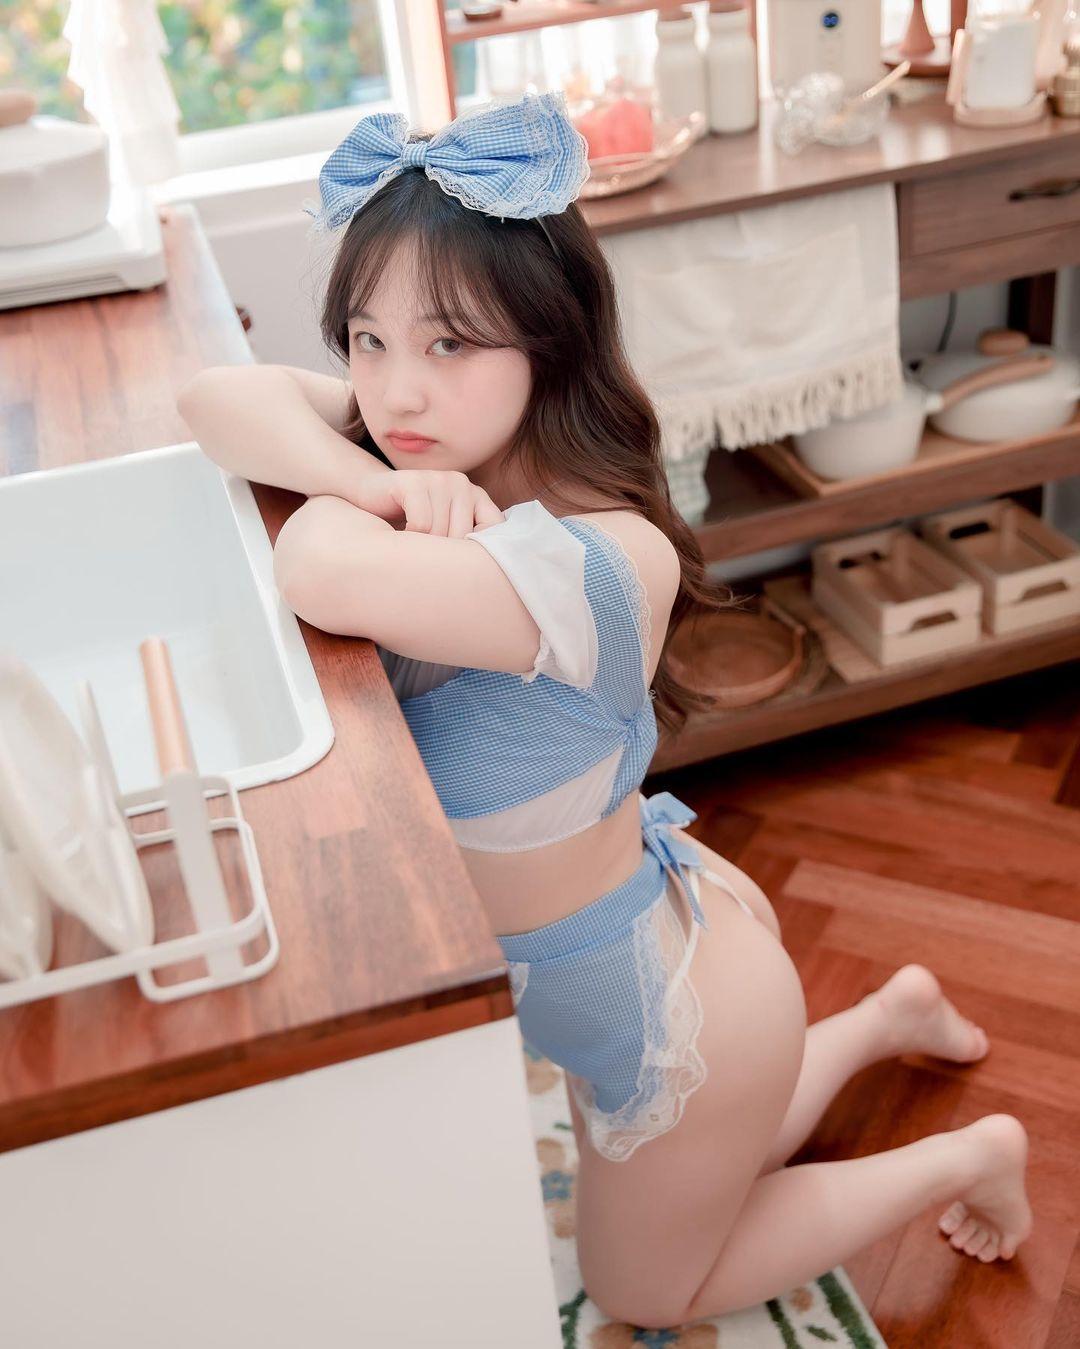 韩国妹子@시 아 (SIA)雪乳兔兔腿夹红萝卜,画面很美很性感